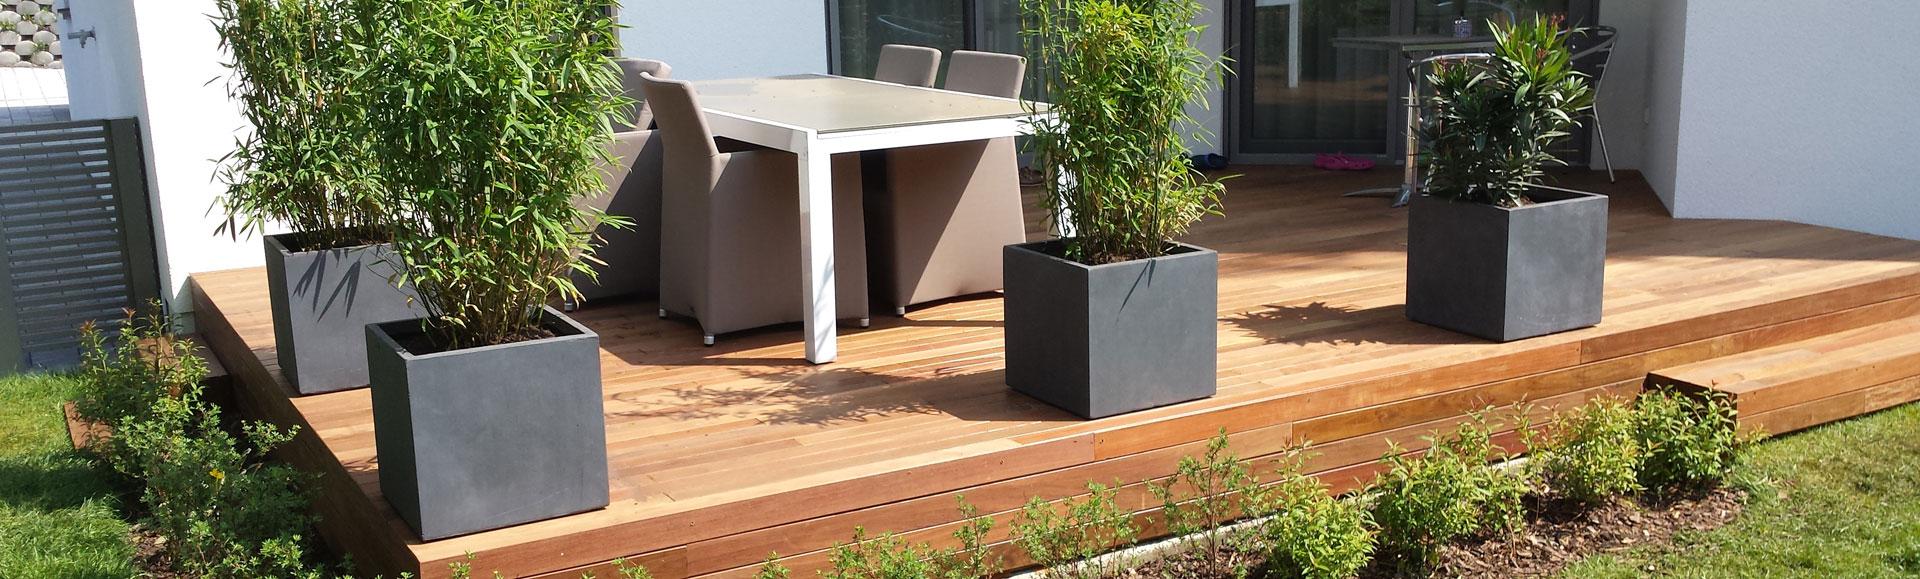 blumenk sten mit wasserspeicher drainage legen. Black Bedroom Furniture Sets. Home Design Ideas